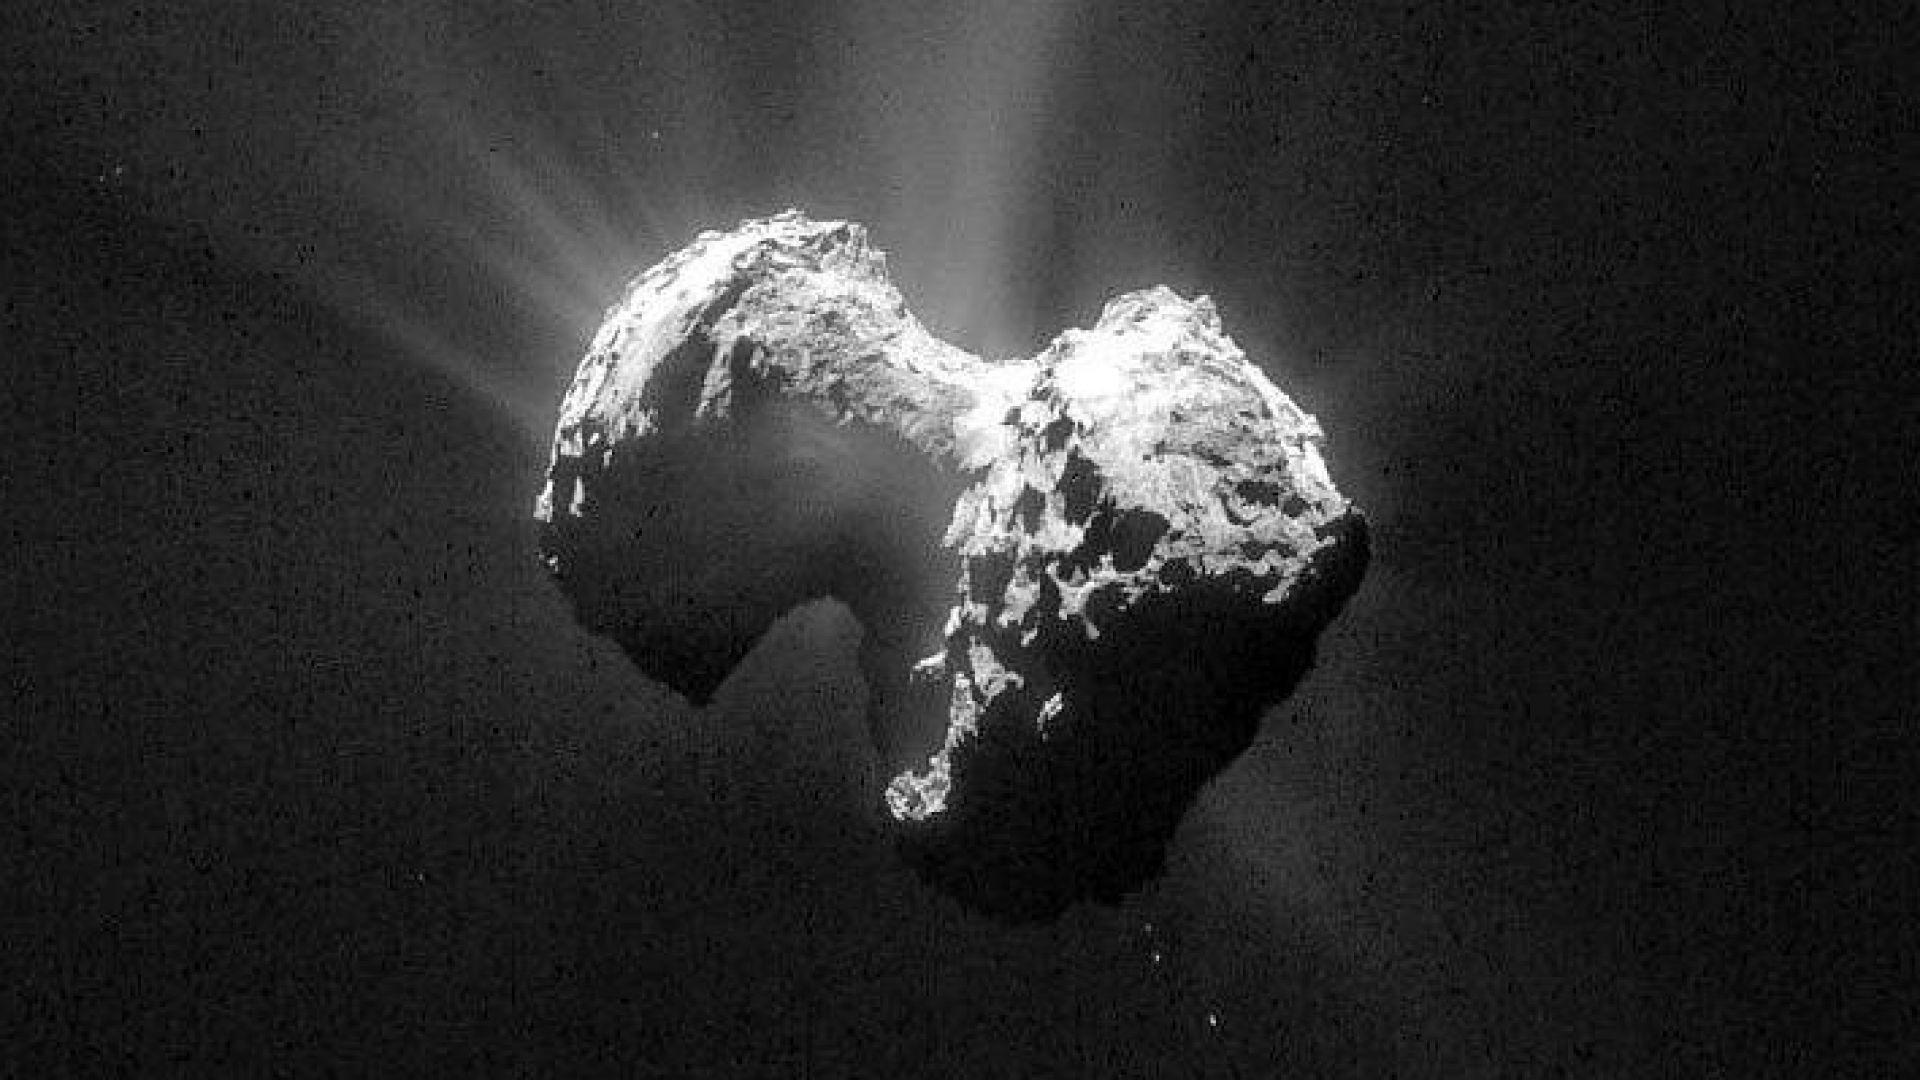 Видео от повърхността на кометата Чурумов-Герасименко